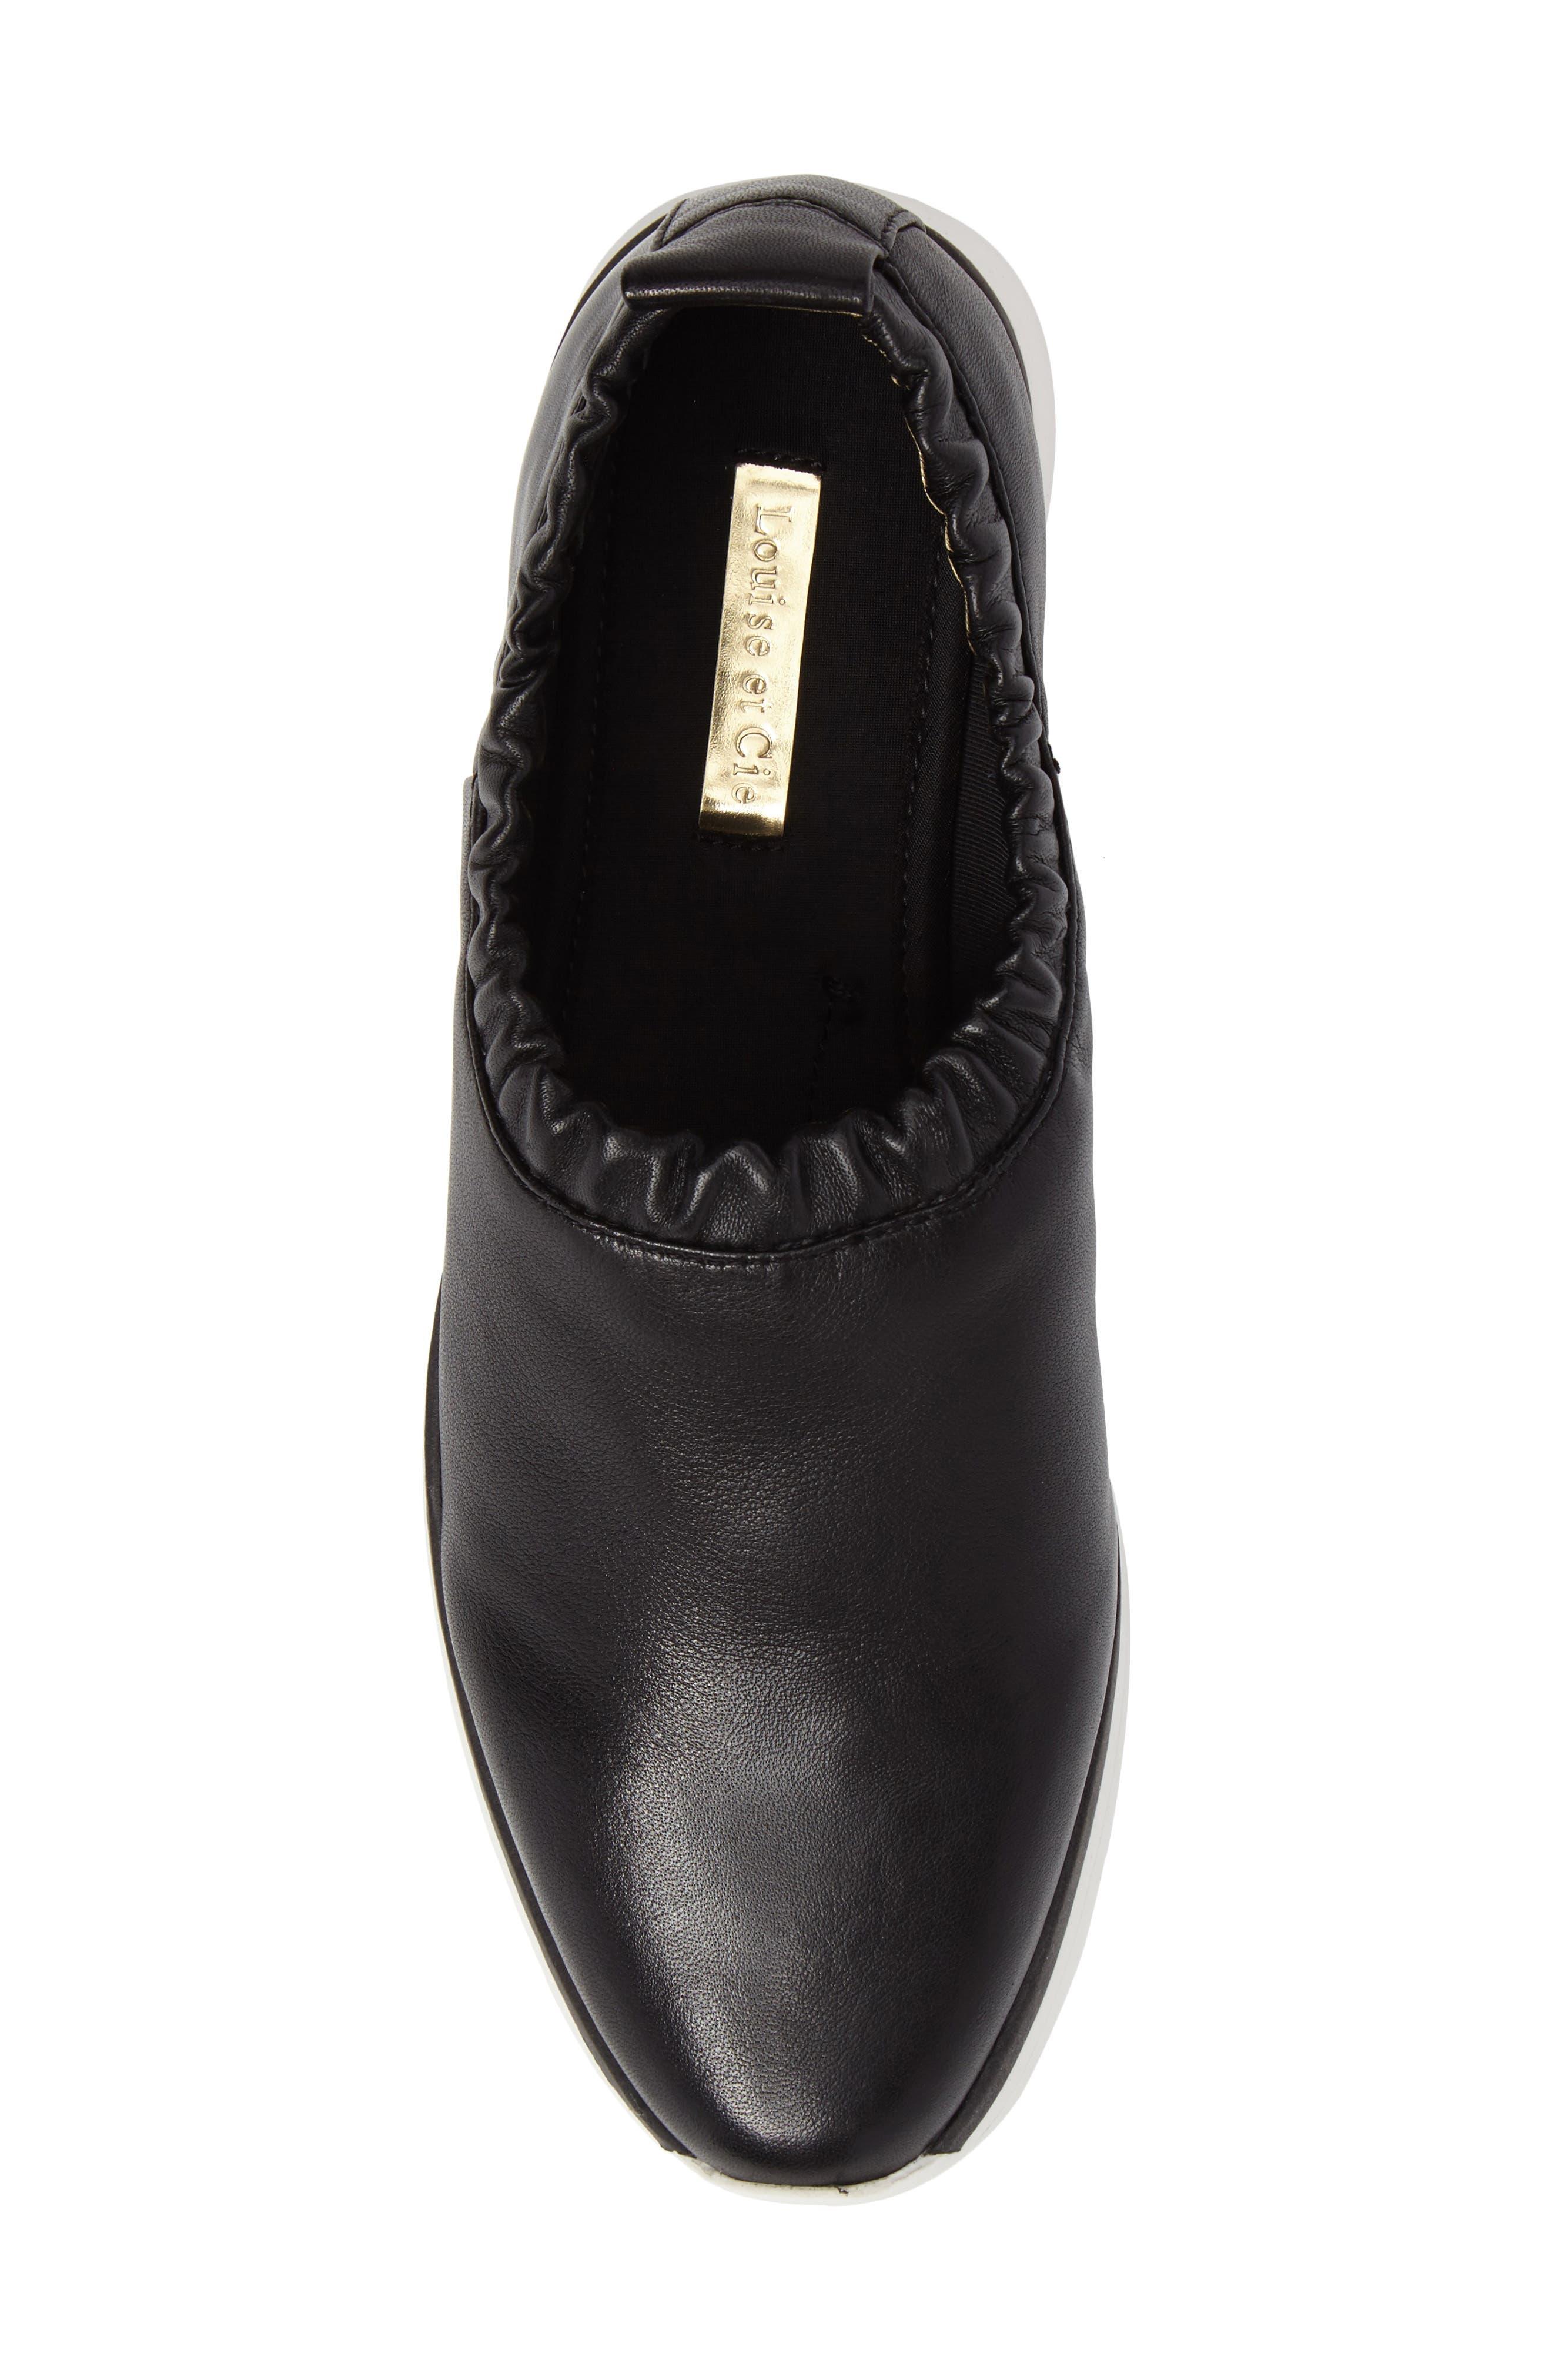 Brogen Slip-On Sneaker,                             Alternate thumbnail 5, color,                             Black Leather